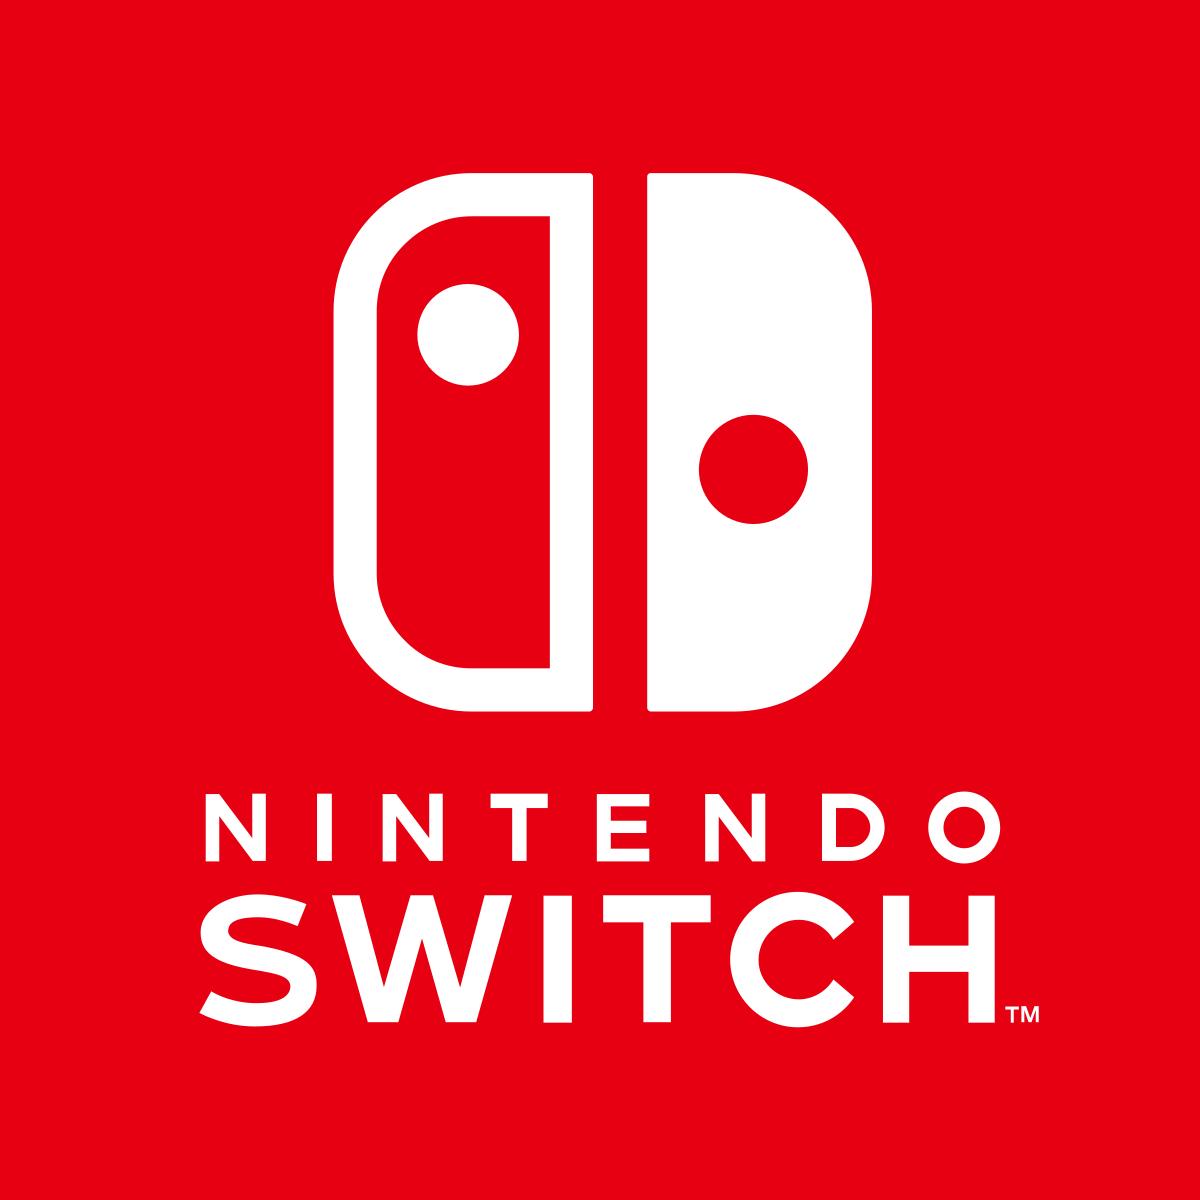 Nintendo Switch Online Mitgliedschaft - 12 Monate (365 Tage)